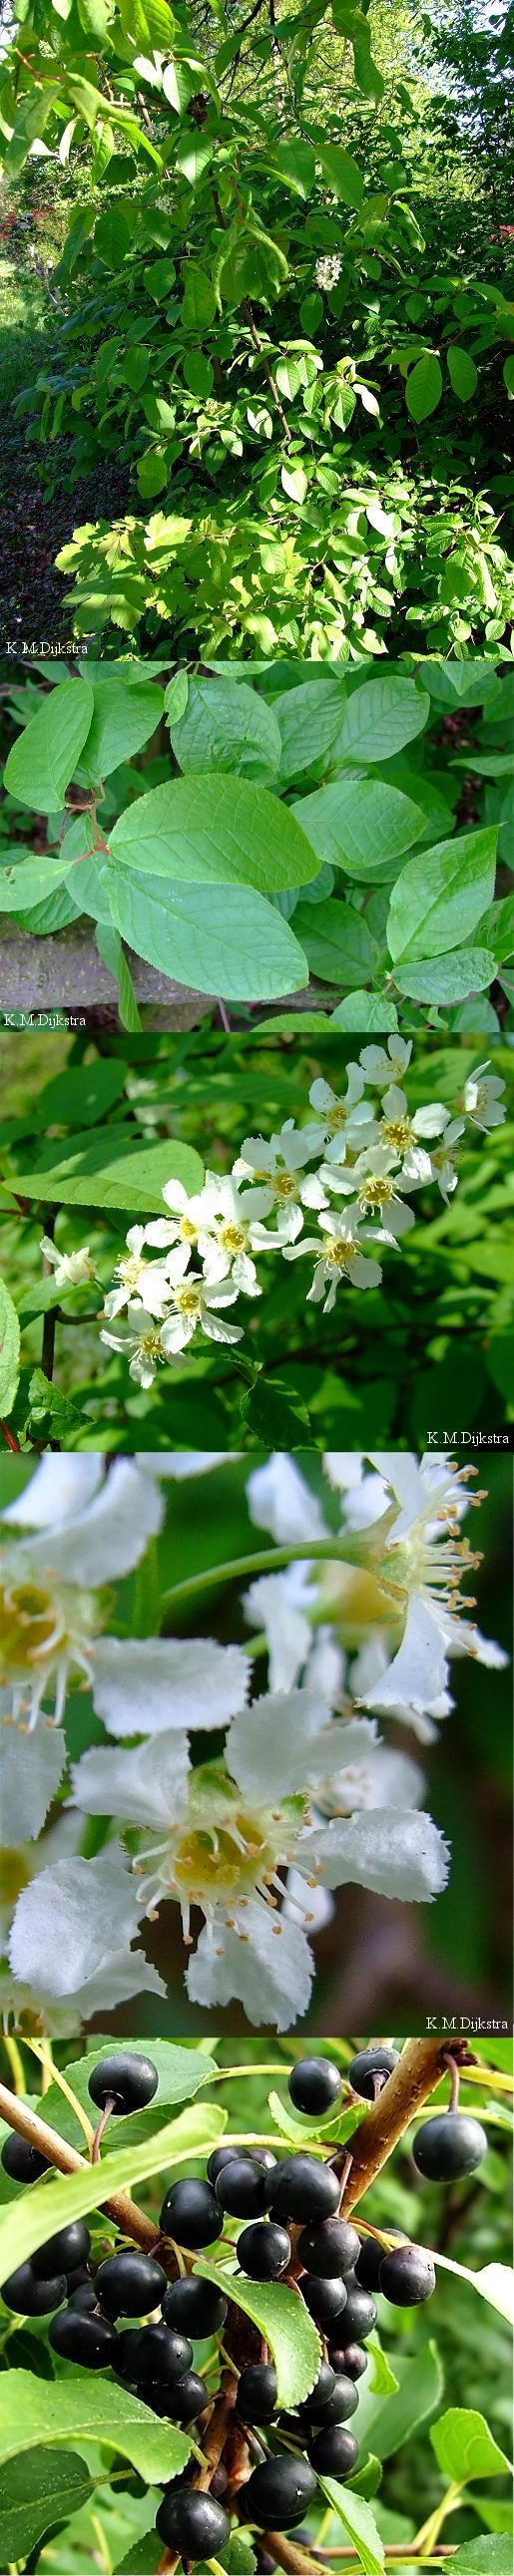 Gewone vogelkers - Prunus padus vruchten: rijk aan looizuur; wrange smaak aftreksel van schors: opwekkend middel, pijnstiller bij maagpijn